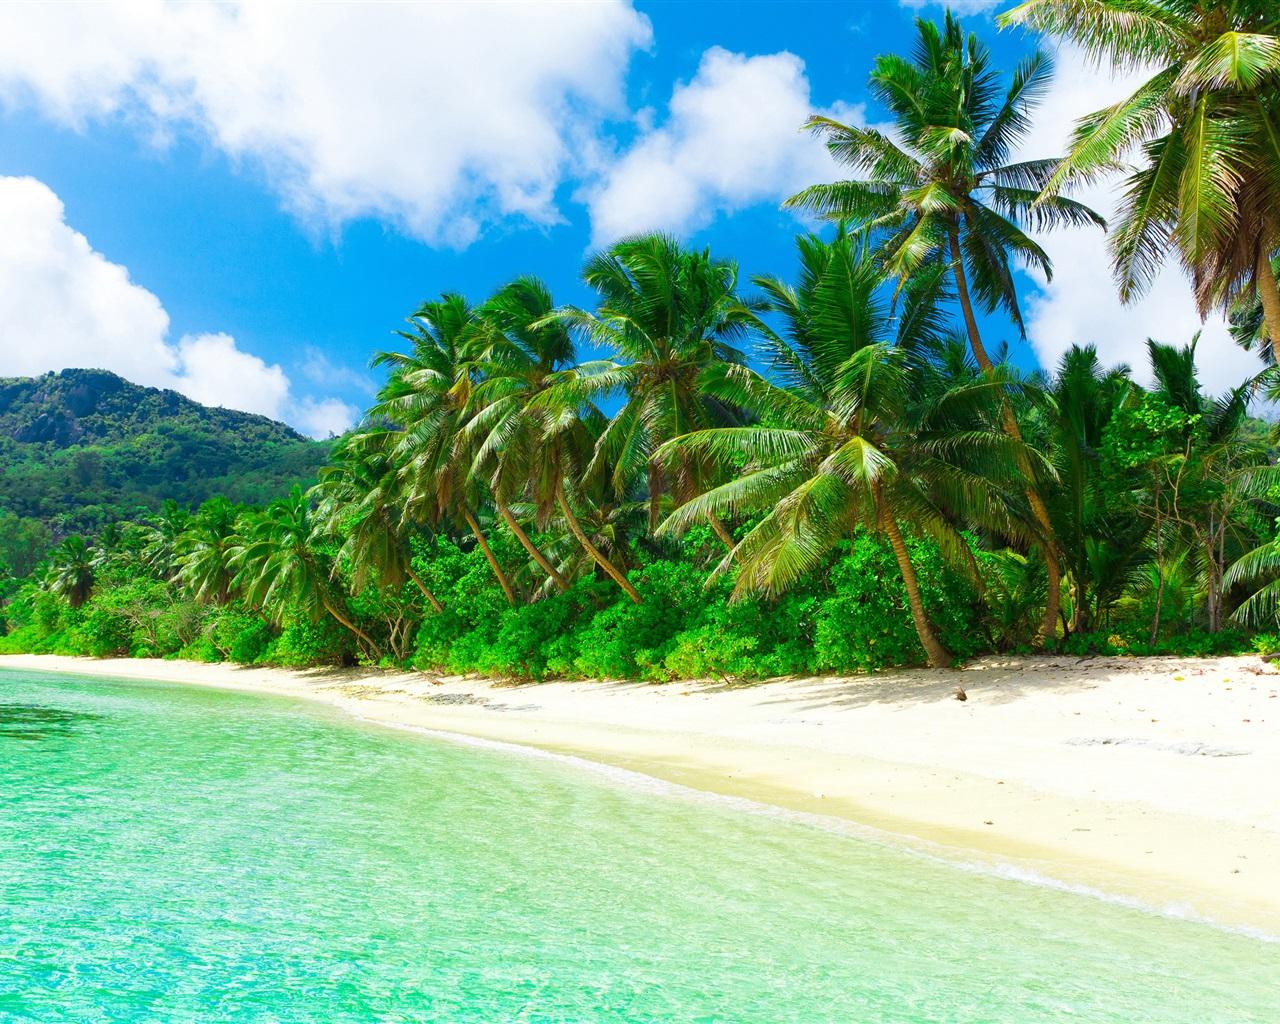 Fonds d'écran Tropical, paradis, plage, côte, mer, palmiers, été 2560x1600 HD image